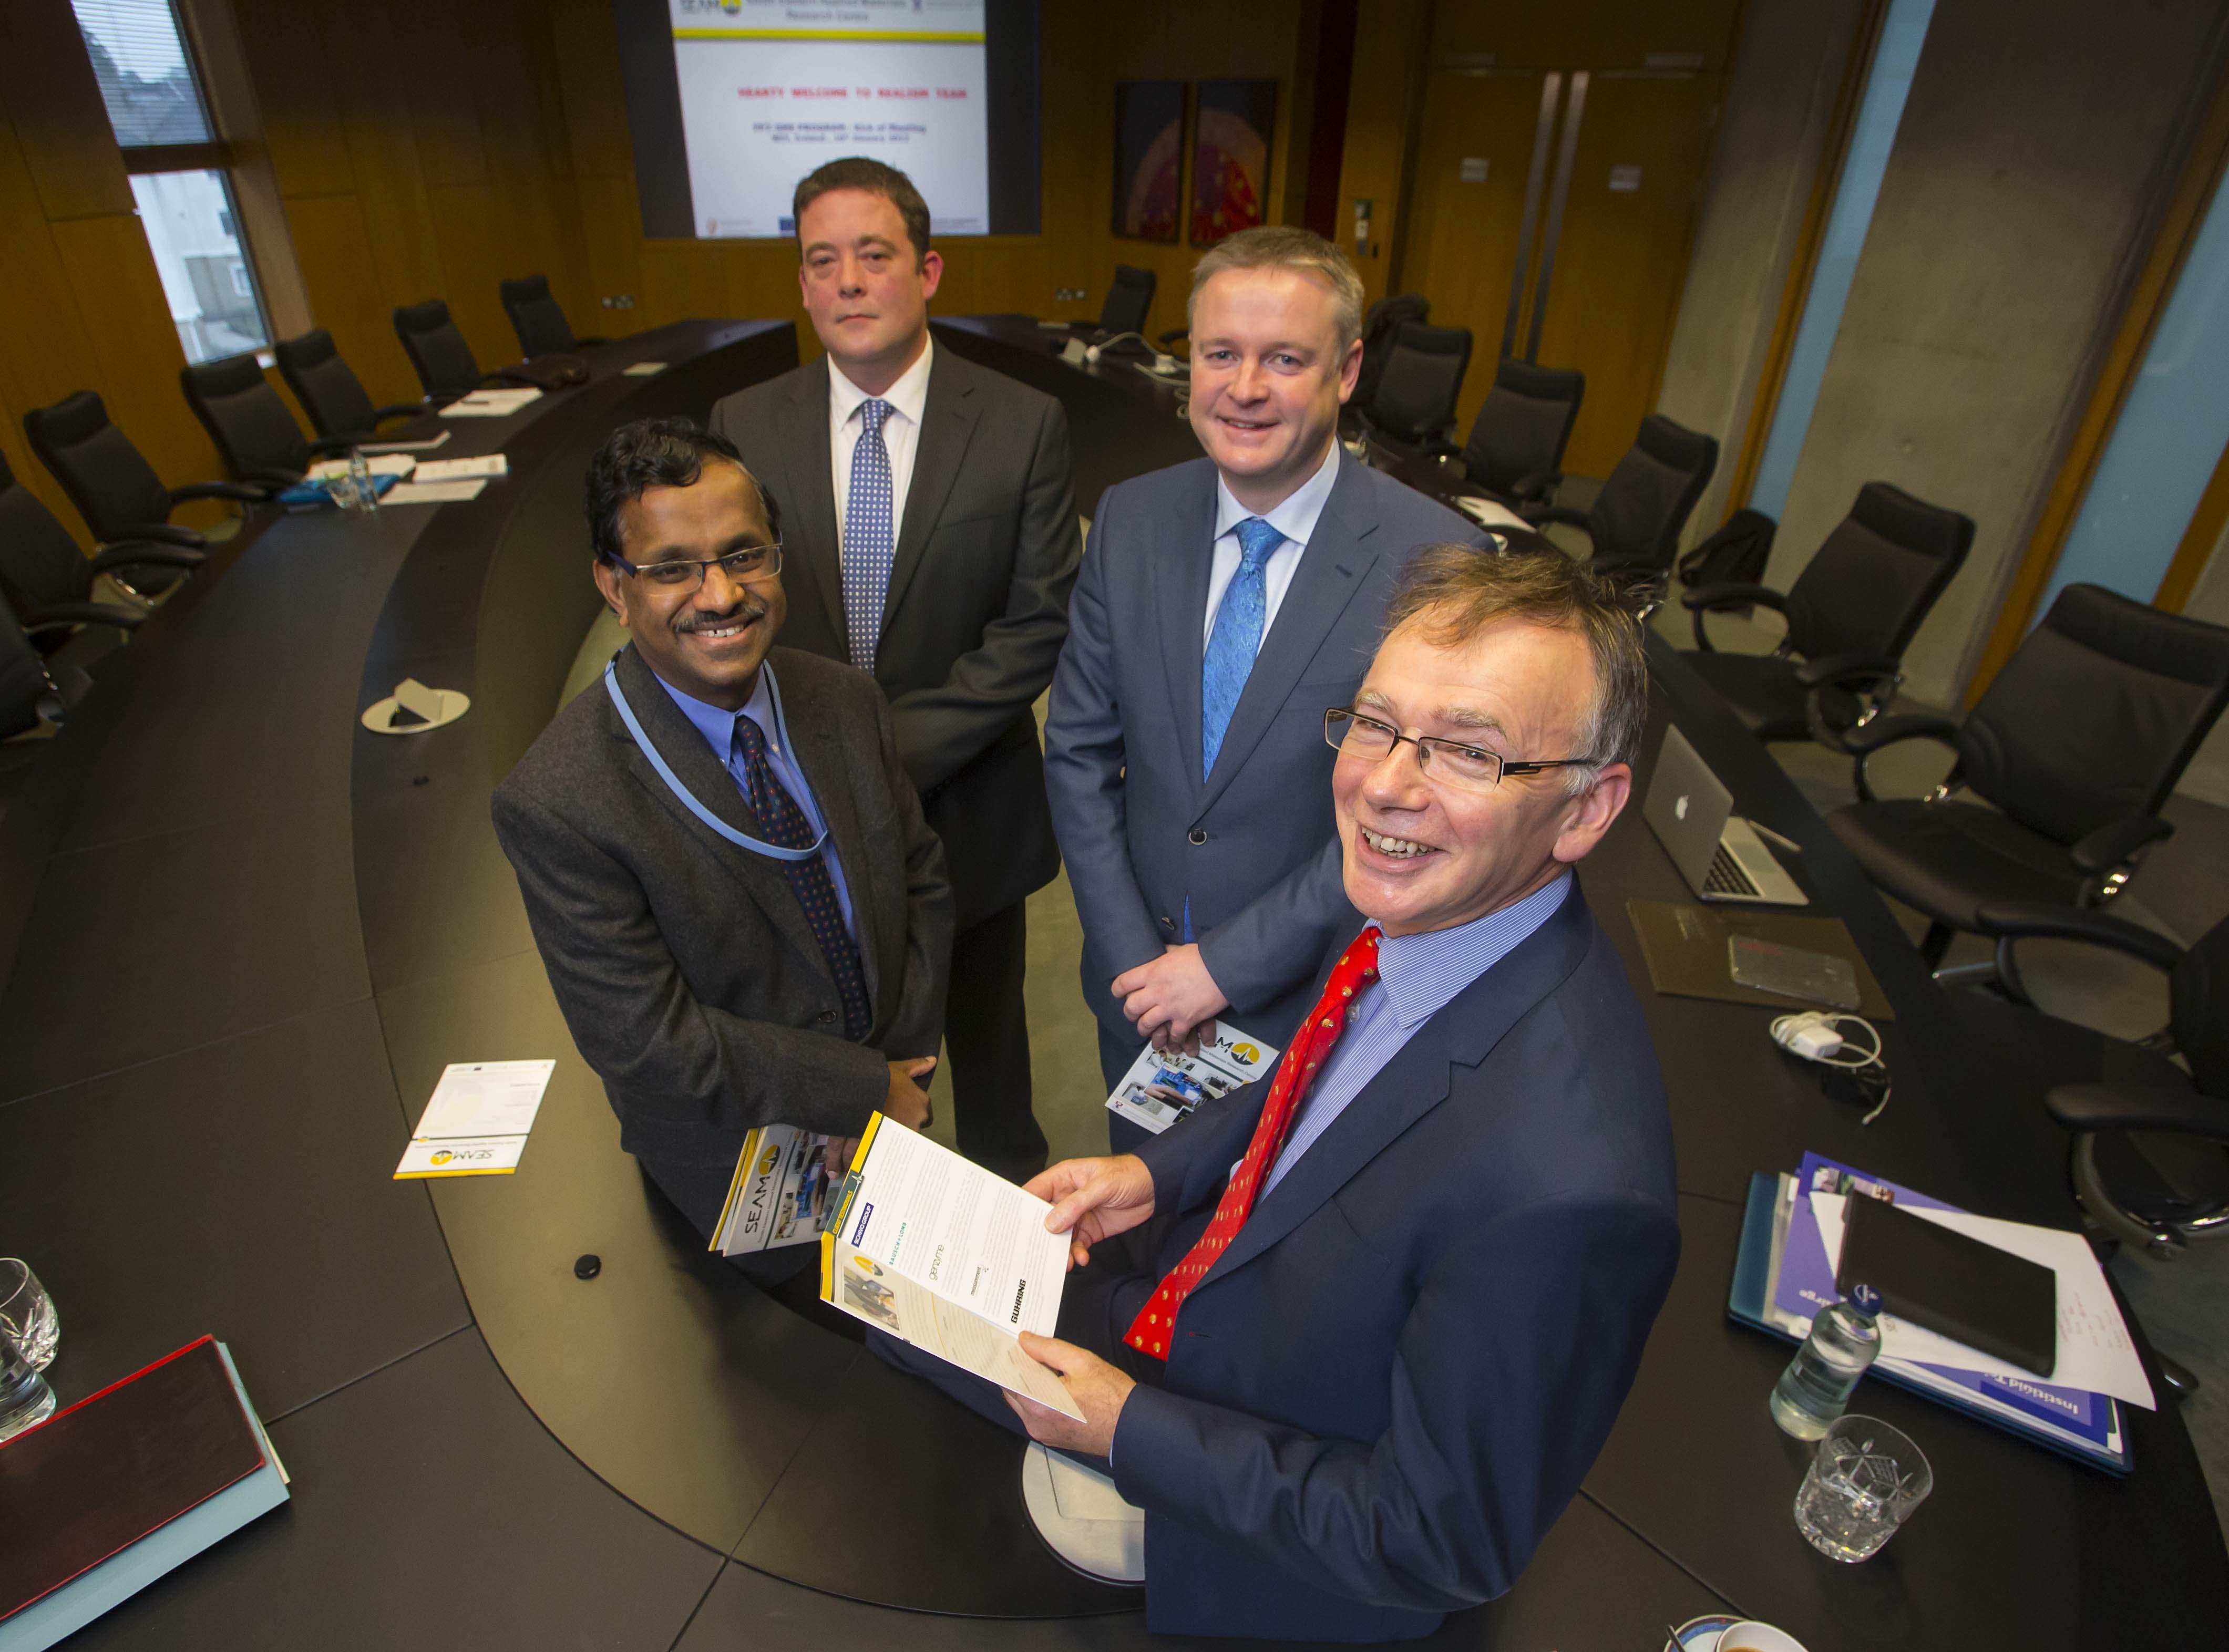 Dr. Ramesh Raghavendra, SEAM; Jonathan Downey, Schvio; Seamus Kilgannon, Schivo; Prof. Willie Donnelly, WIT